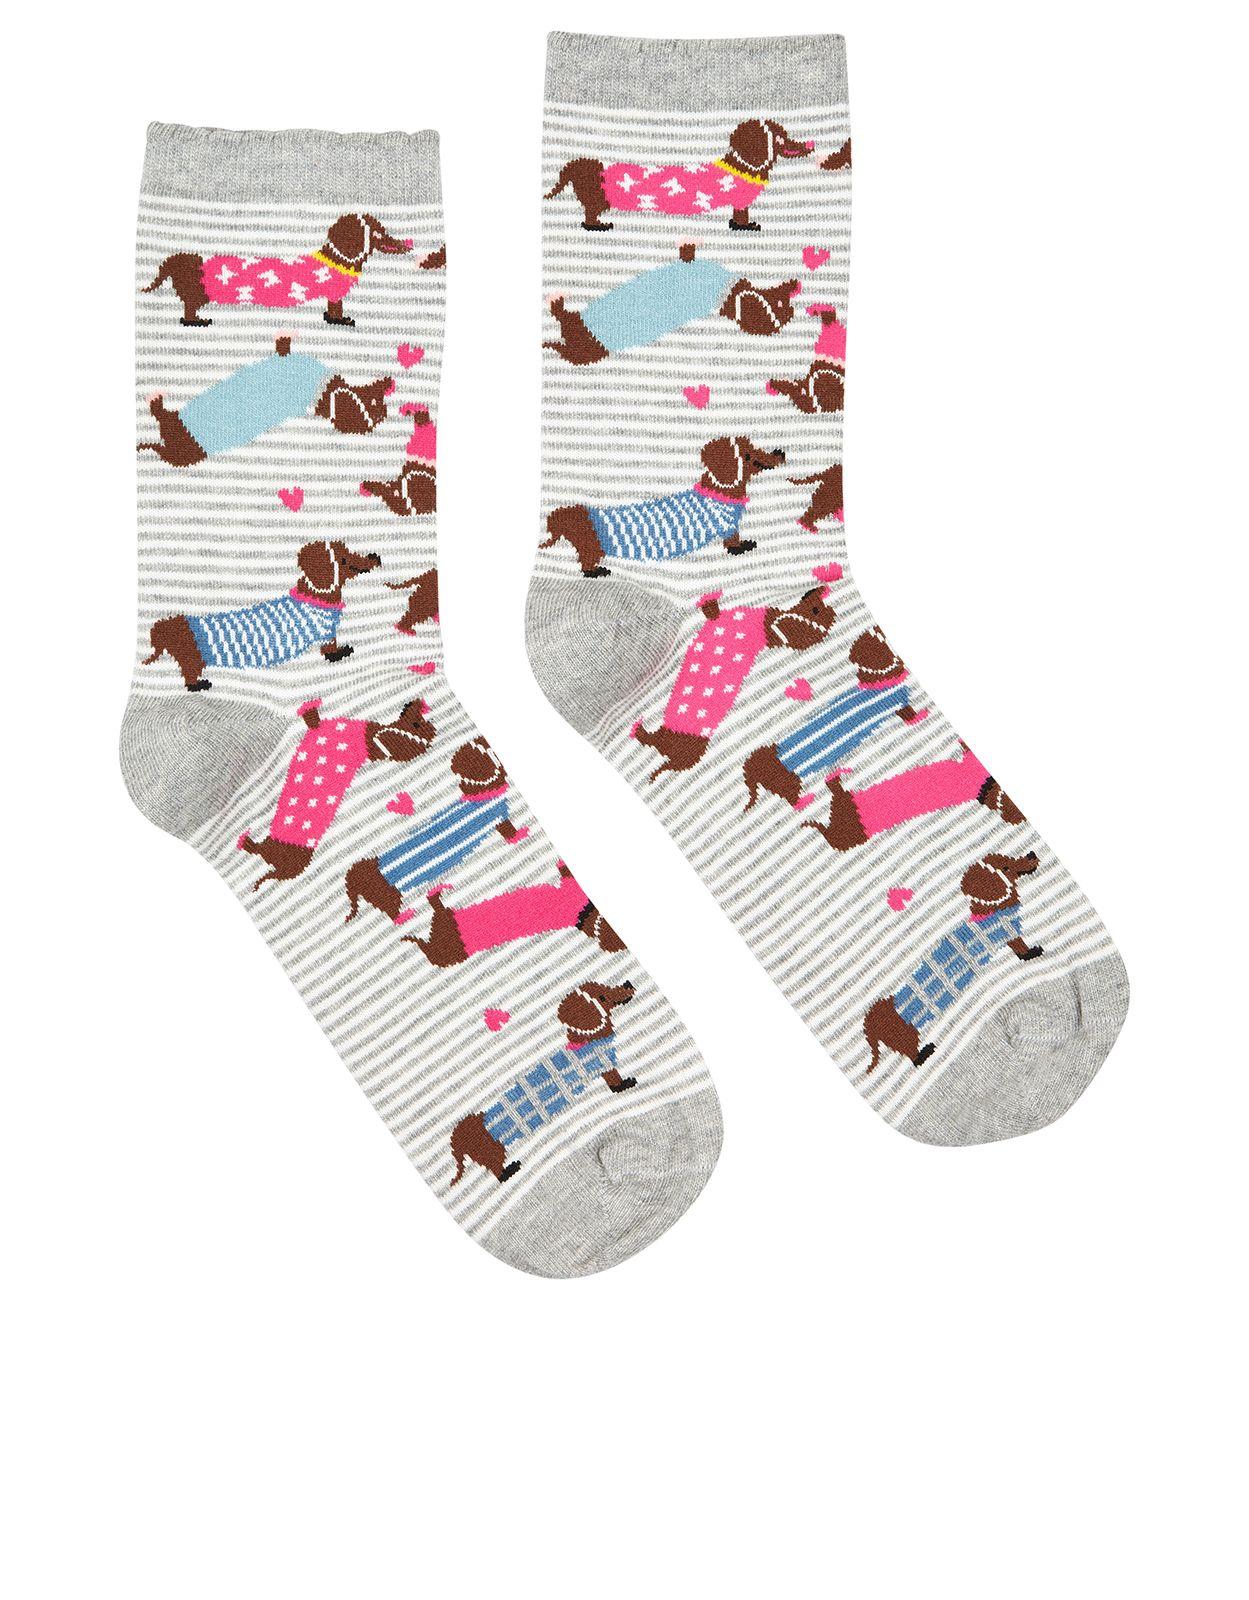 All Over Sausage Dog Sock - All Over Sausage Dog Sock Wishlist Pinterest Dog Socks, Dog